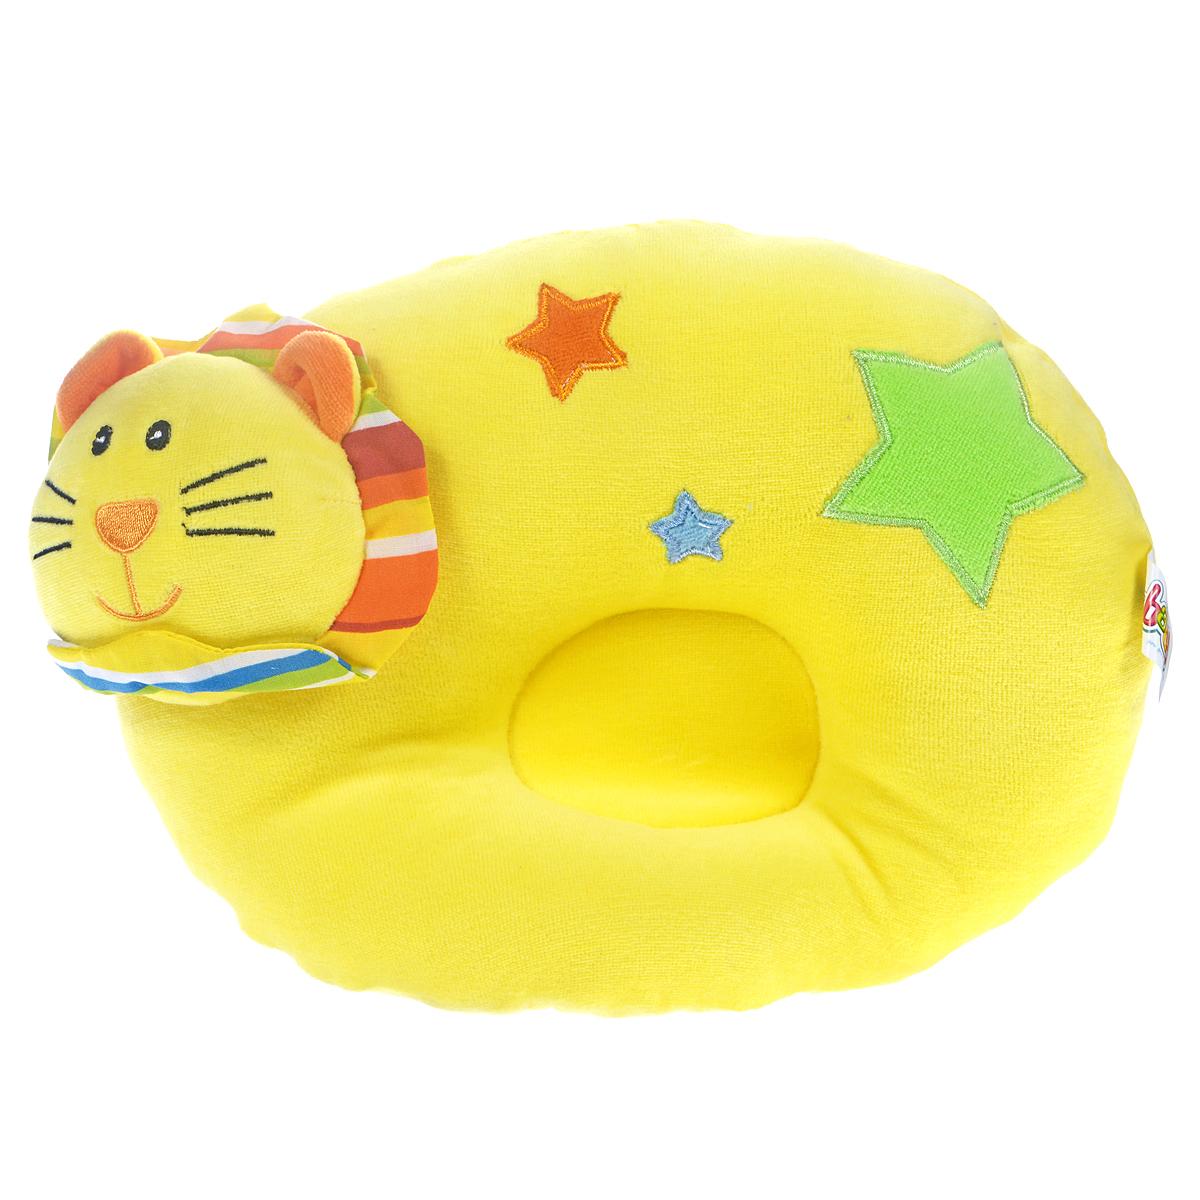 WSBD World Детская подушка Лев цвет желтый